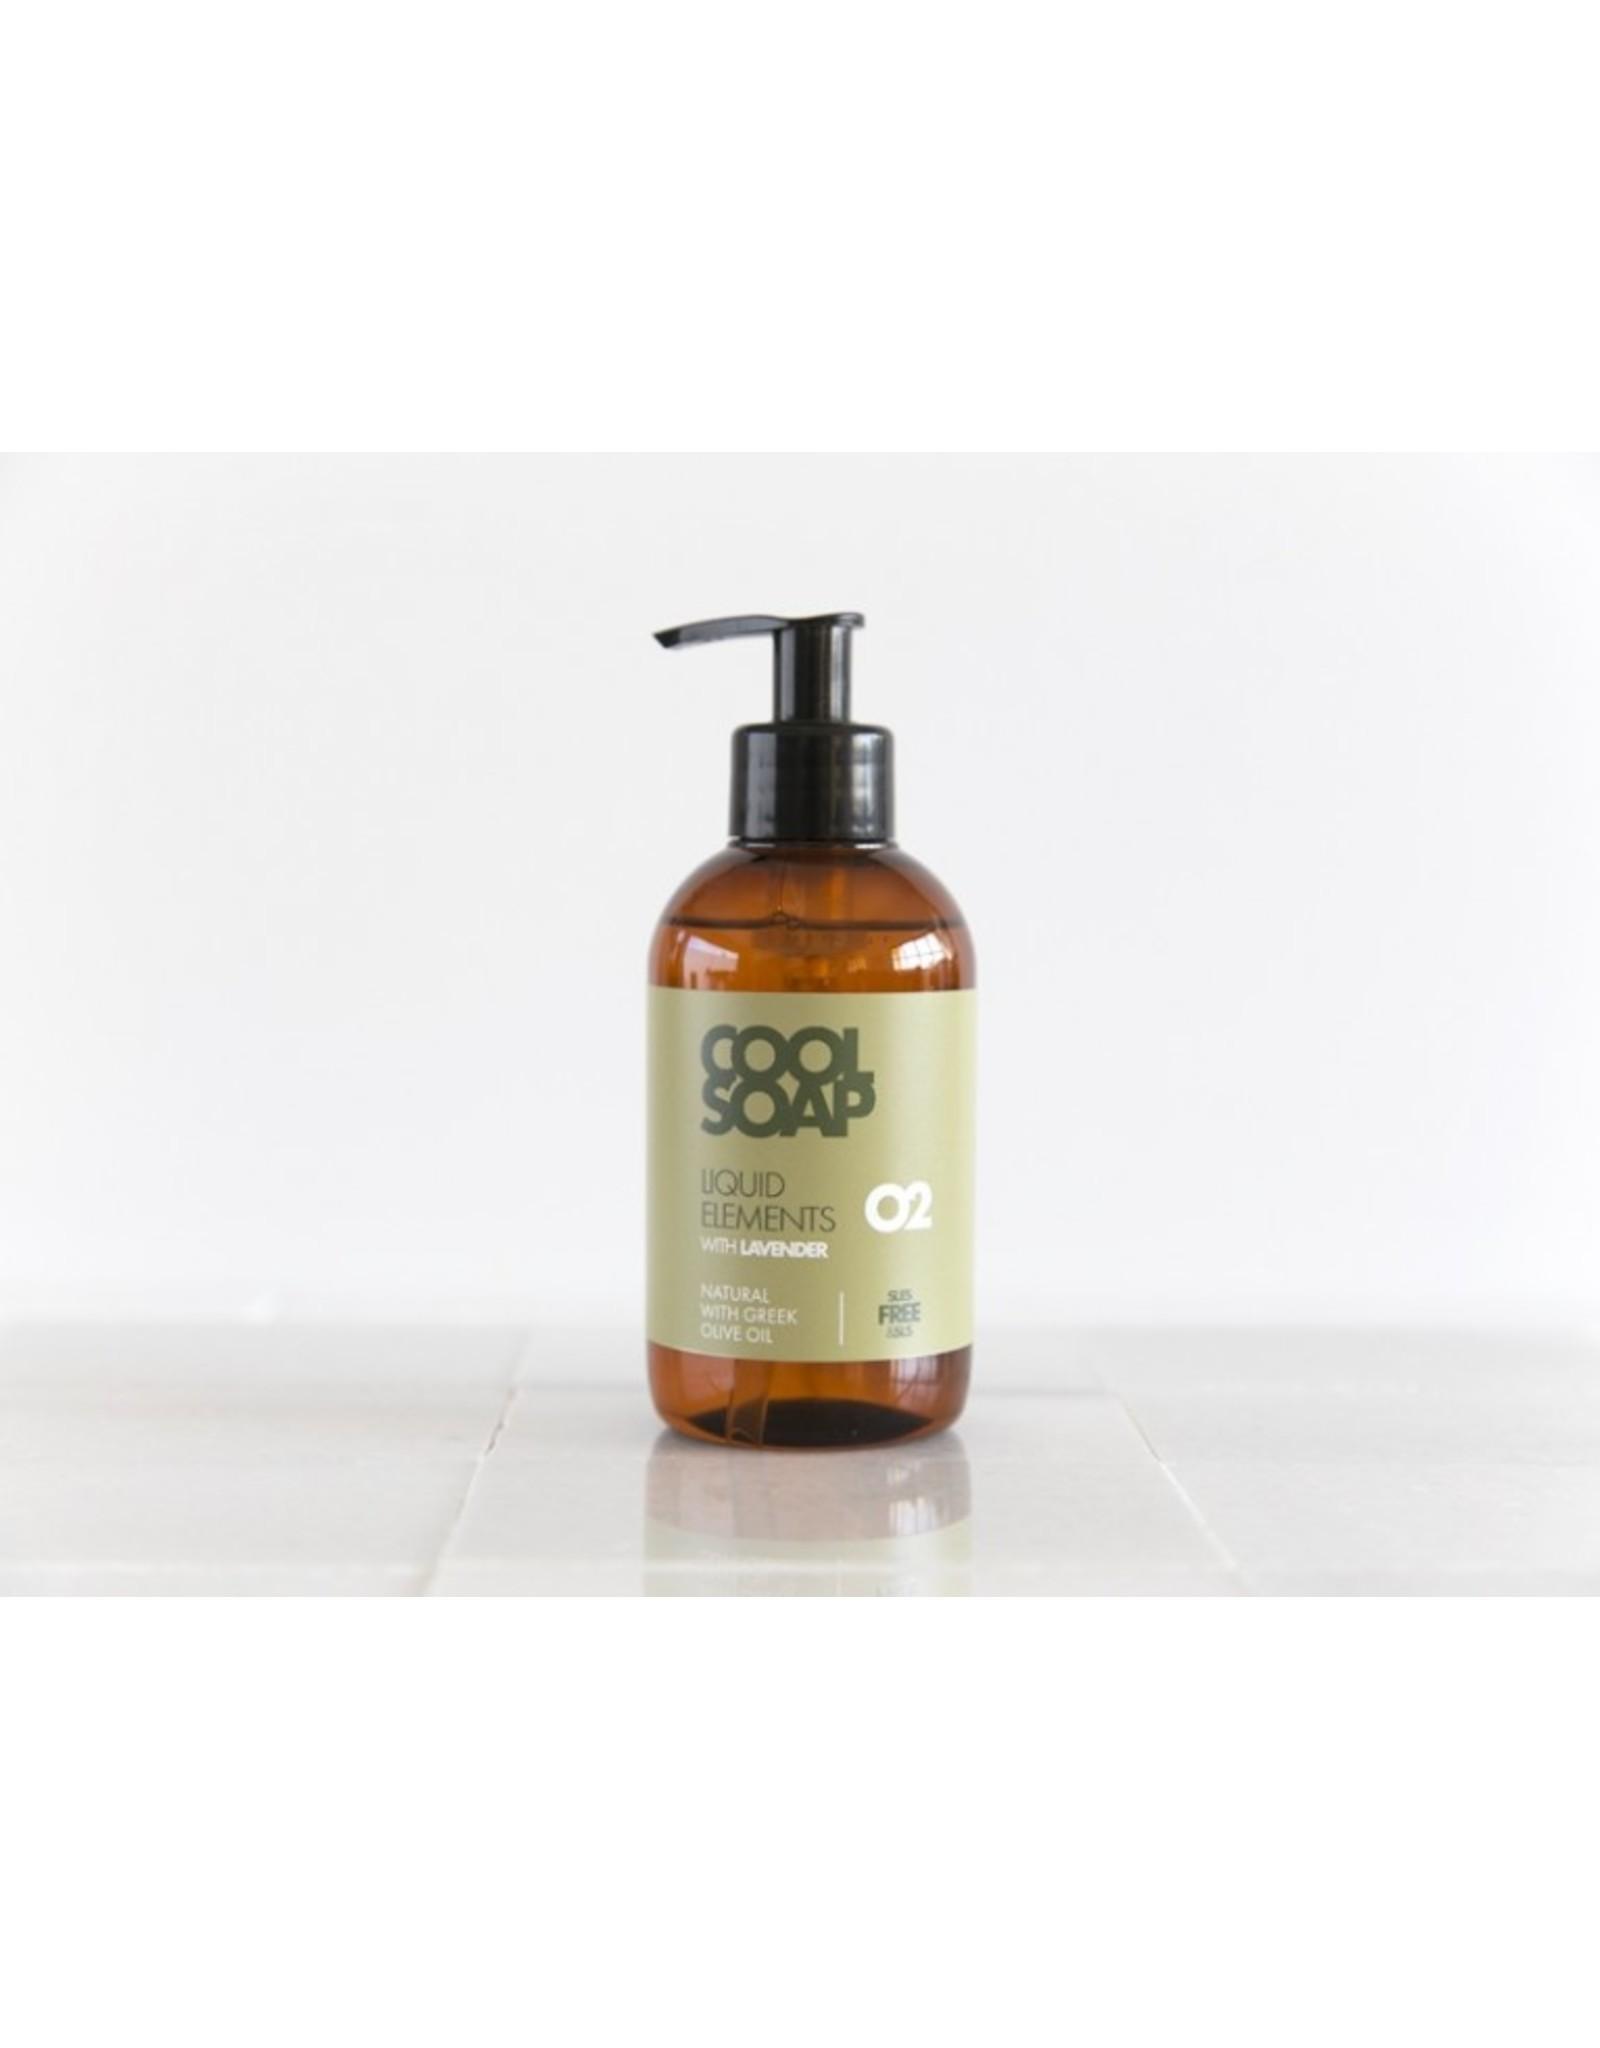 Cool Soap Zeepdispenser 02 - Lavender - 250 ml